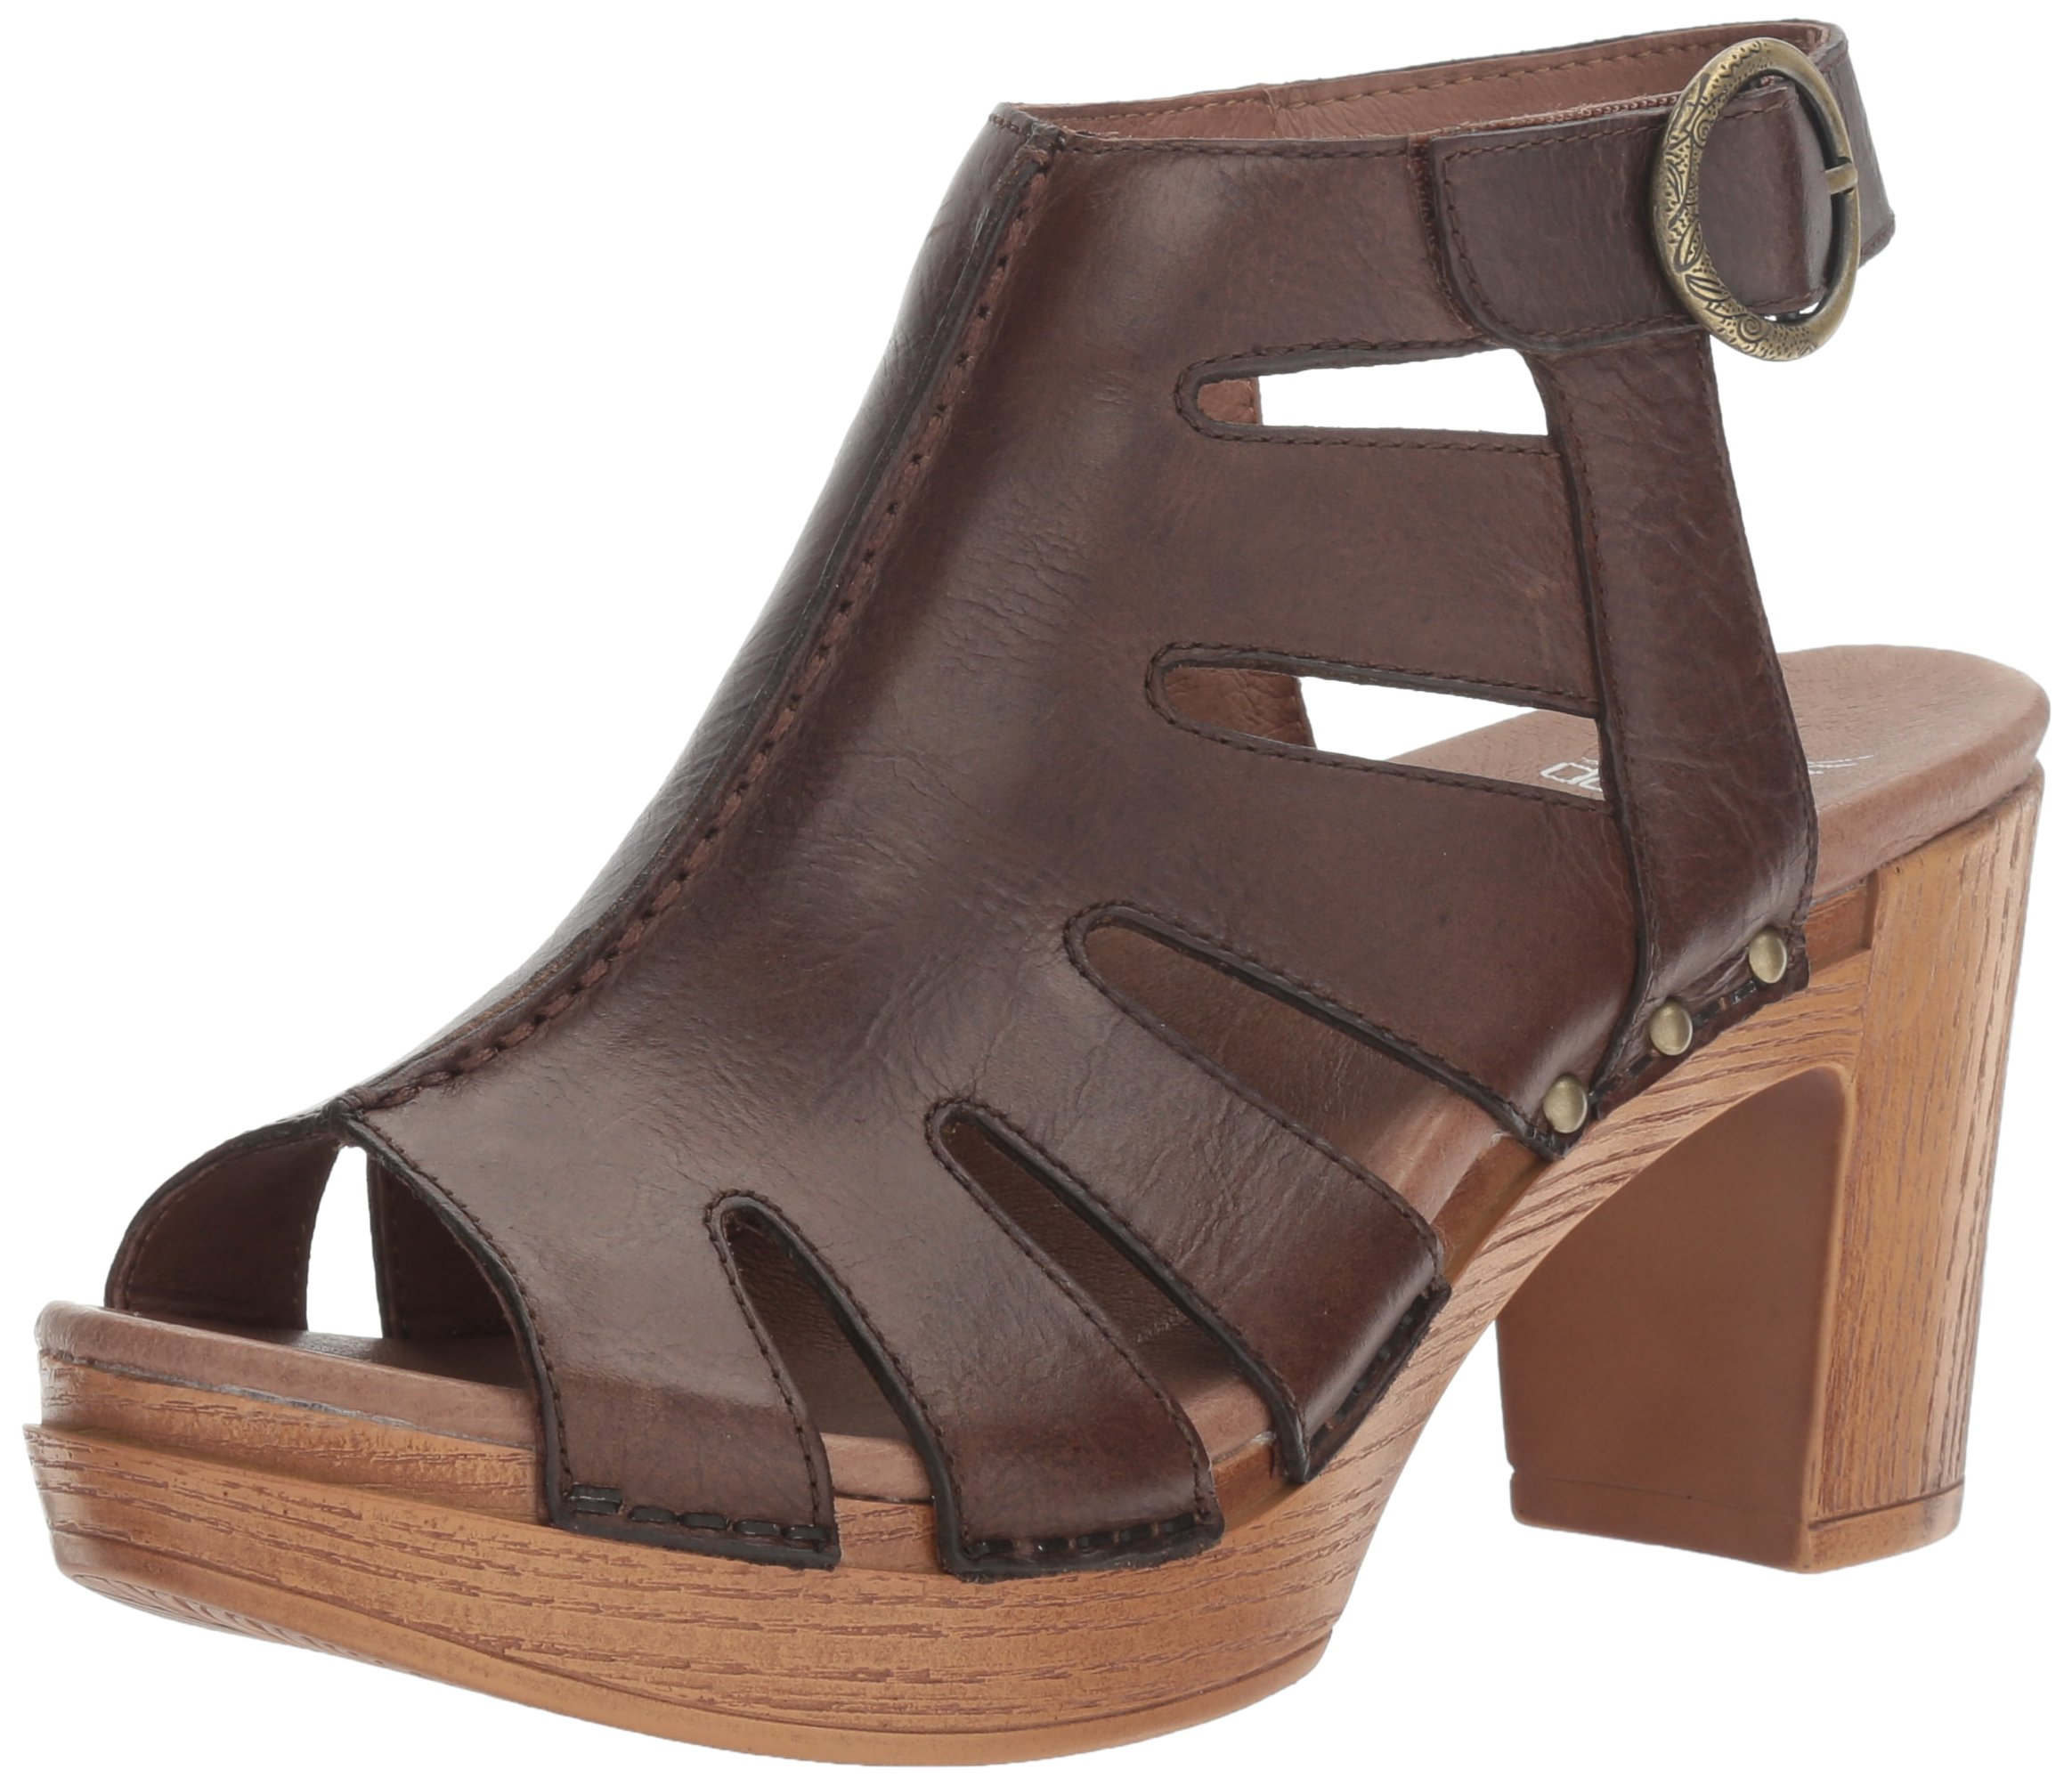 Dansko Women's Demetra Ankle Bootie, Teak Vintage Pull up, 38 EU/7.5-8 M US